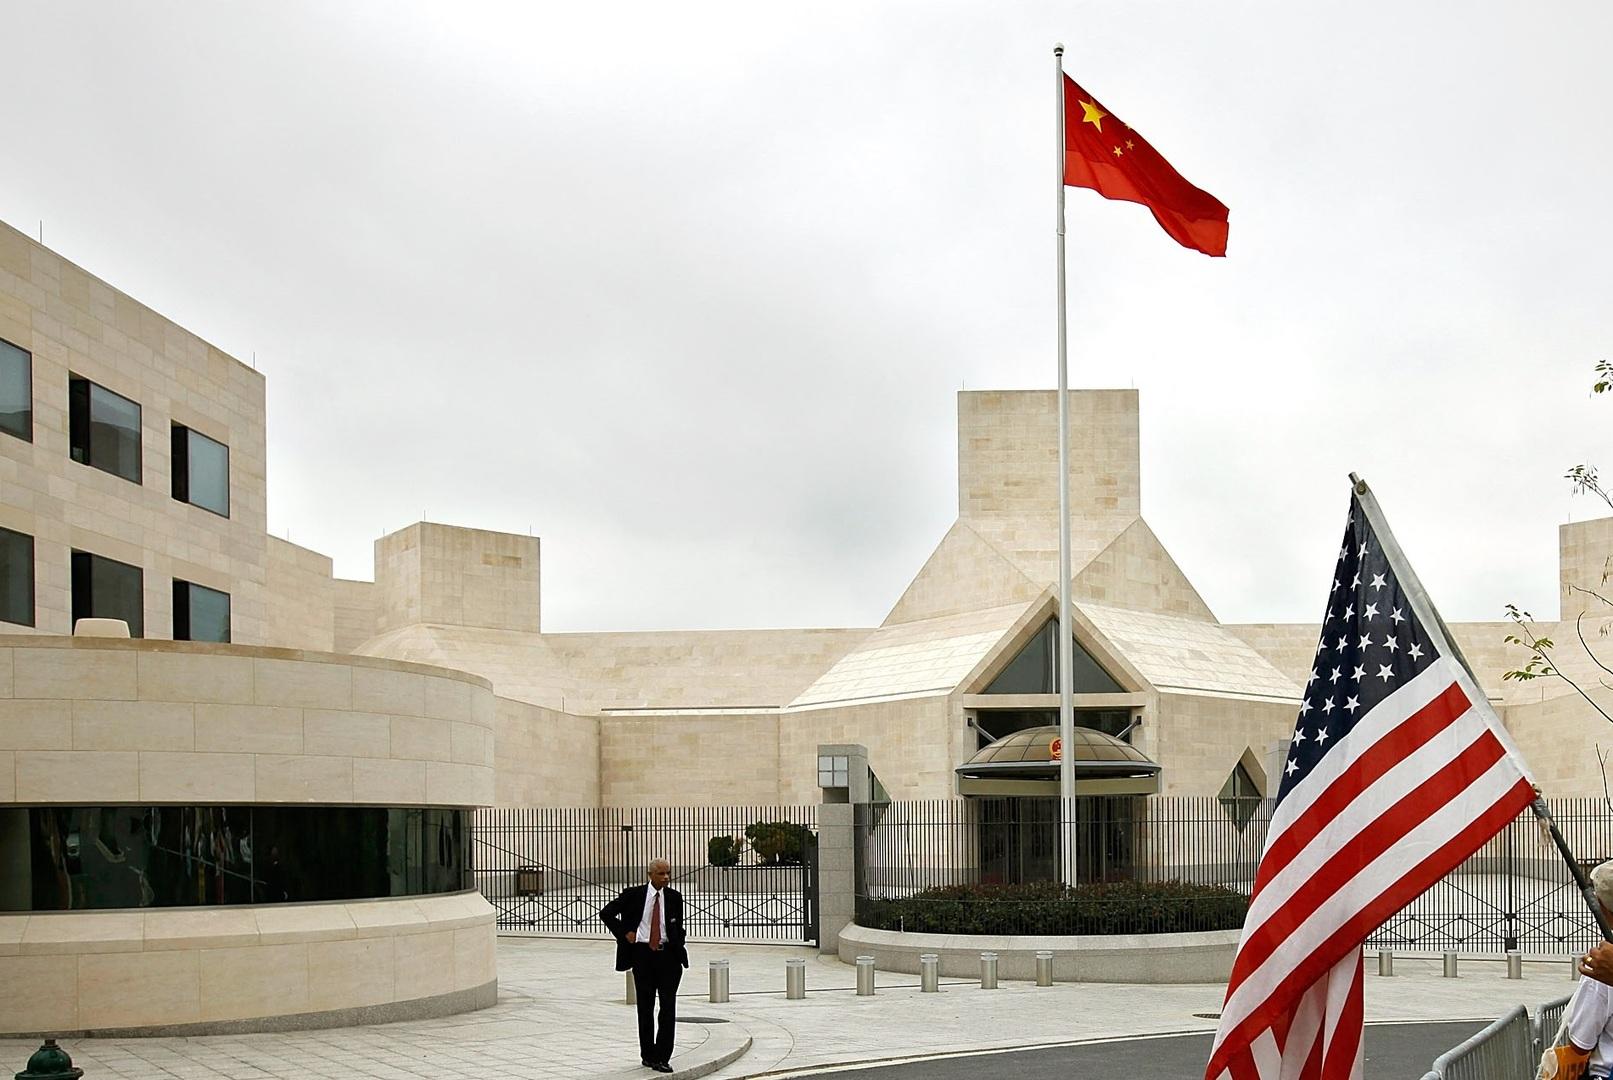 الصين: تسييس موضوع منشأ كورونا يشبه أكاذيب امتلاك العراق أسلحة الدمار الشامل